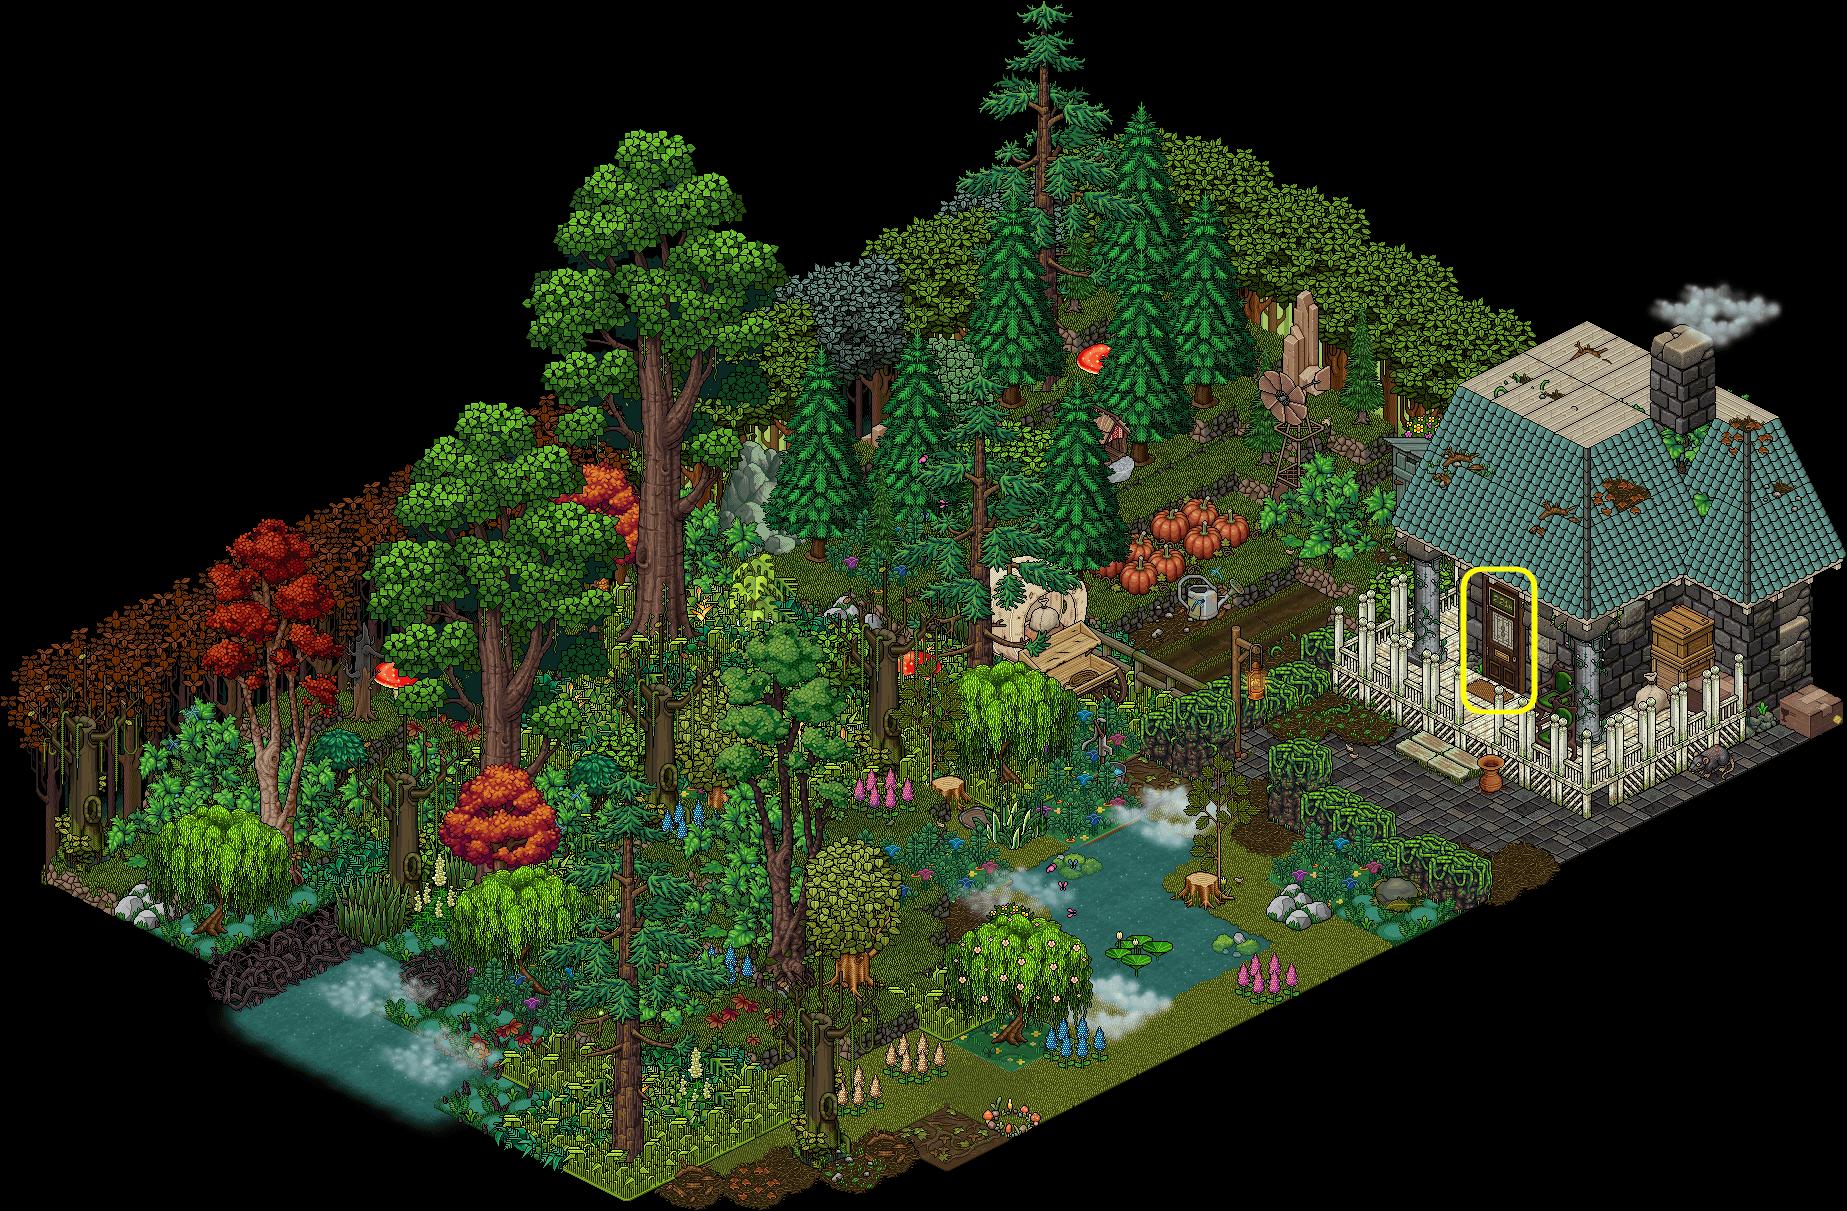 [A] Maison dans la forêt